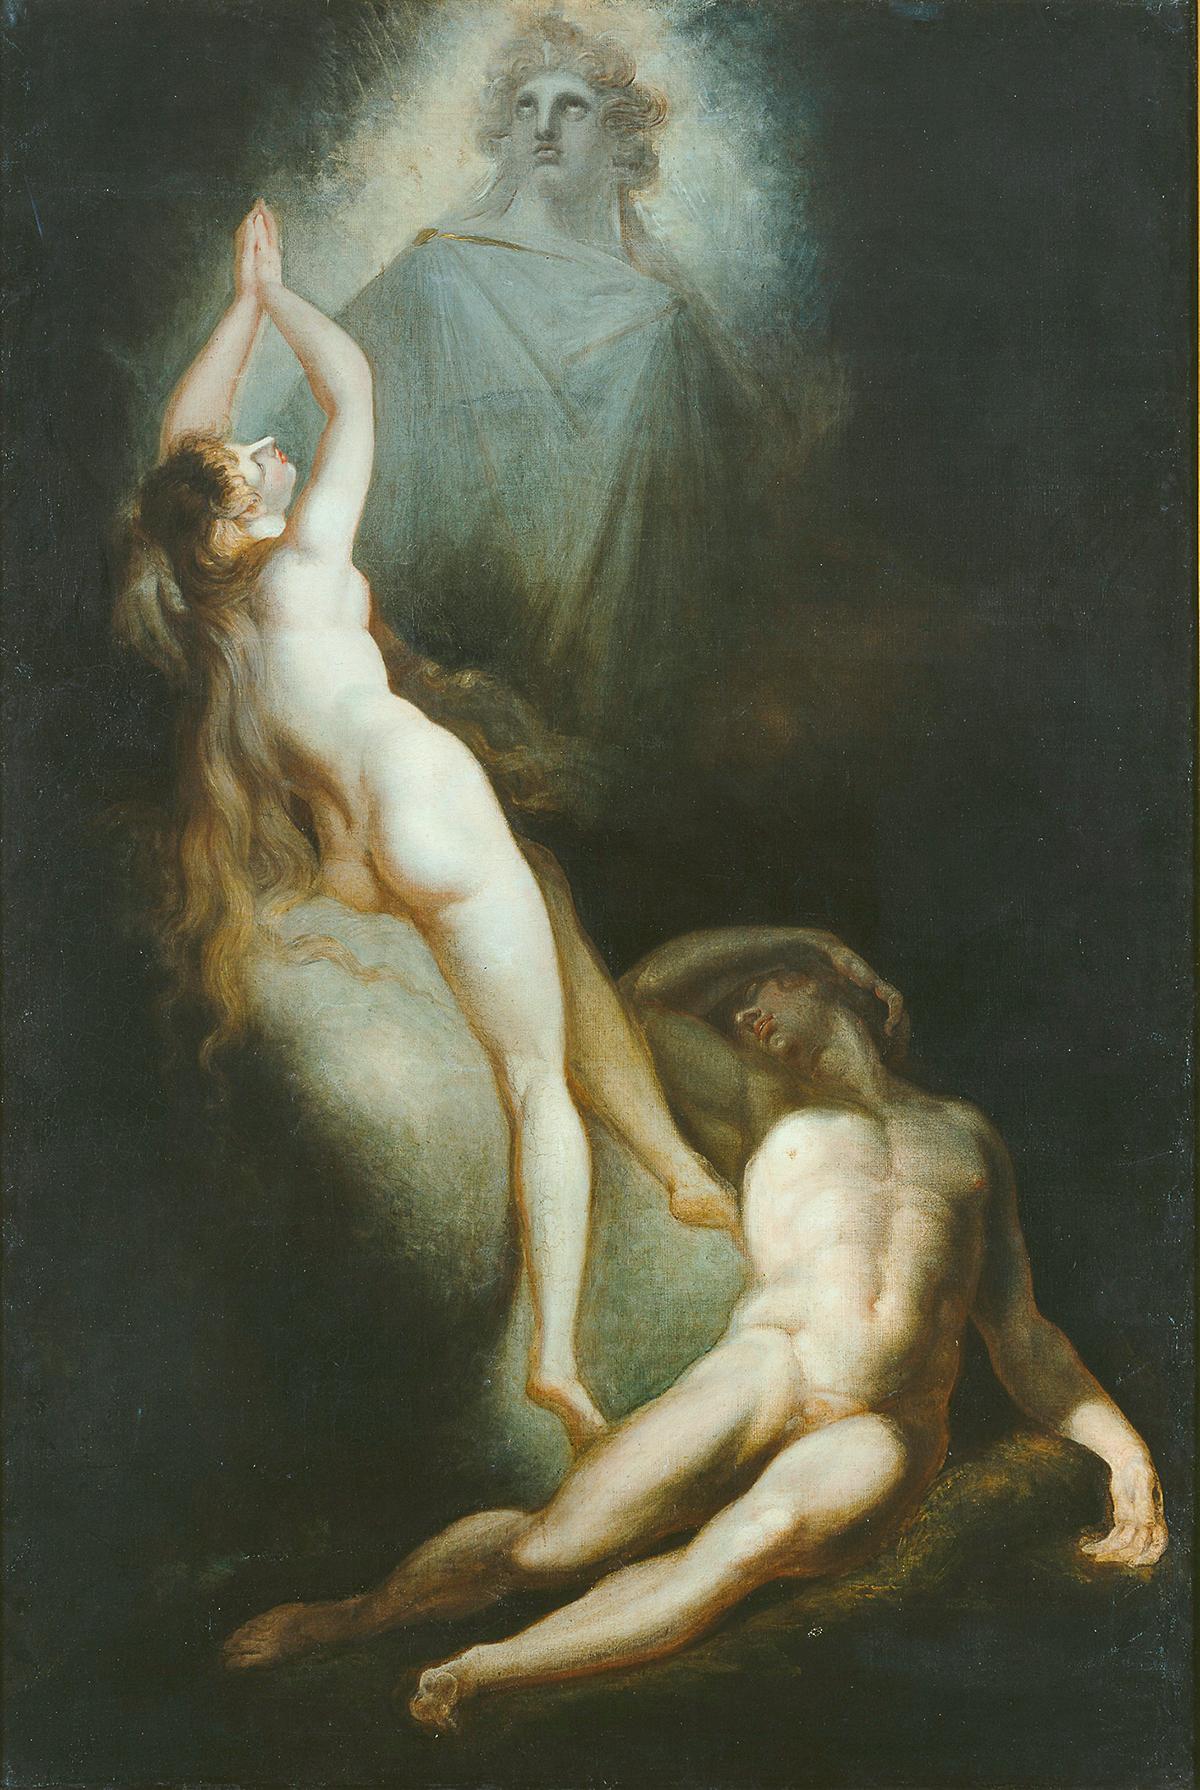 Johann Heinrich Füssli; Die Erschaffung Evas; 1791-1793